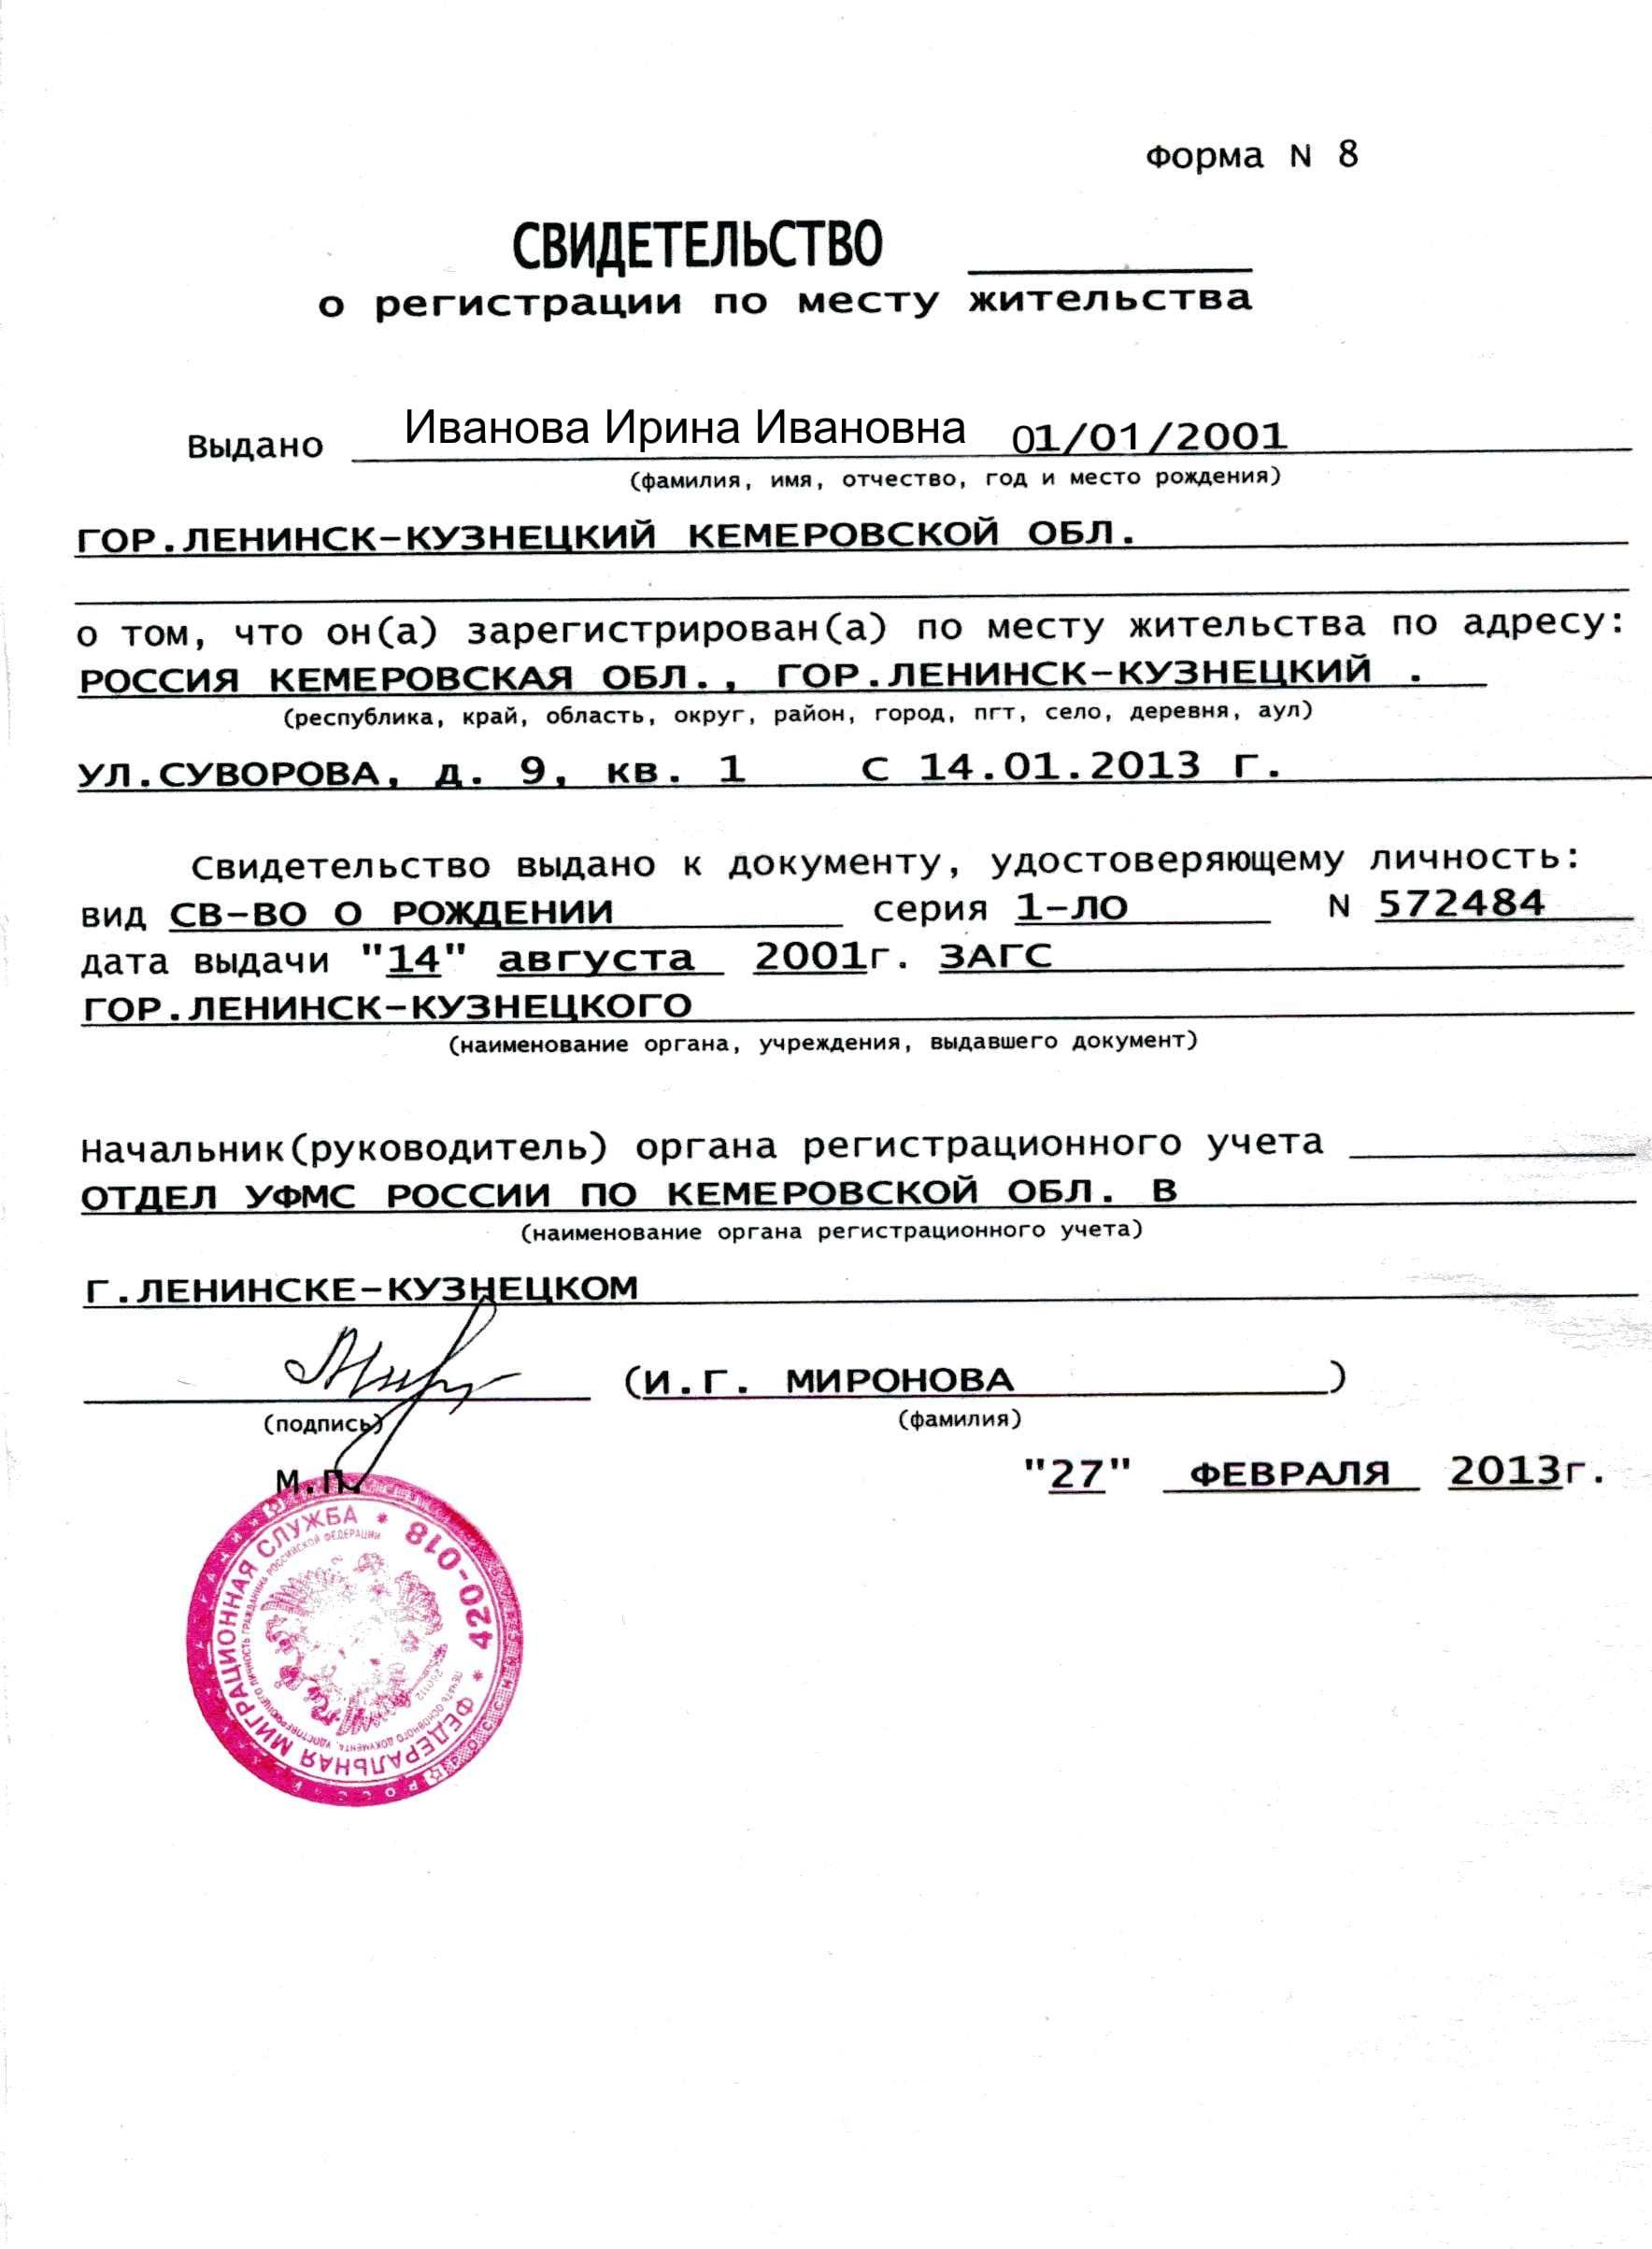 Свидетельство о регистрации по адресу проживания